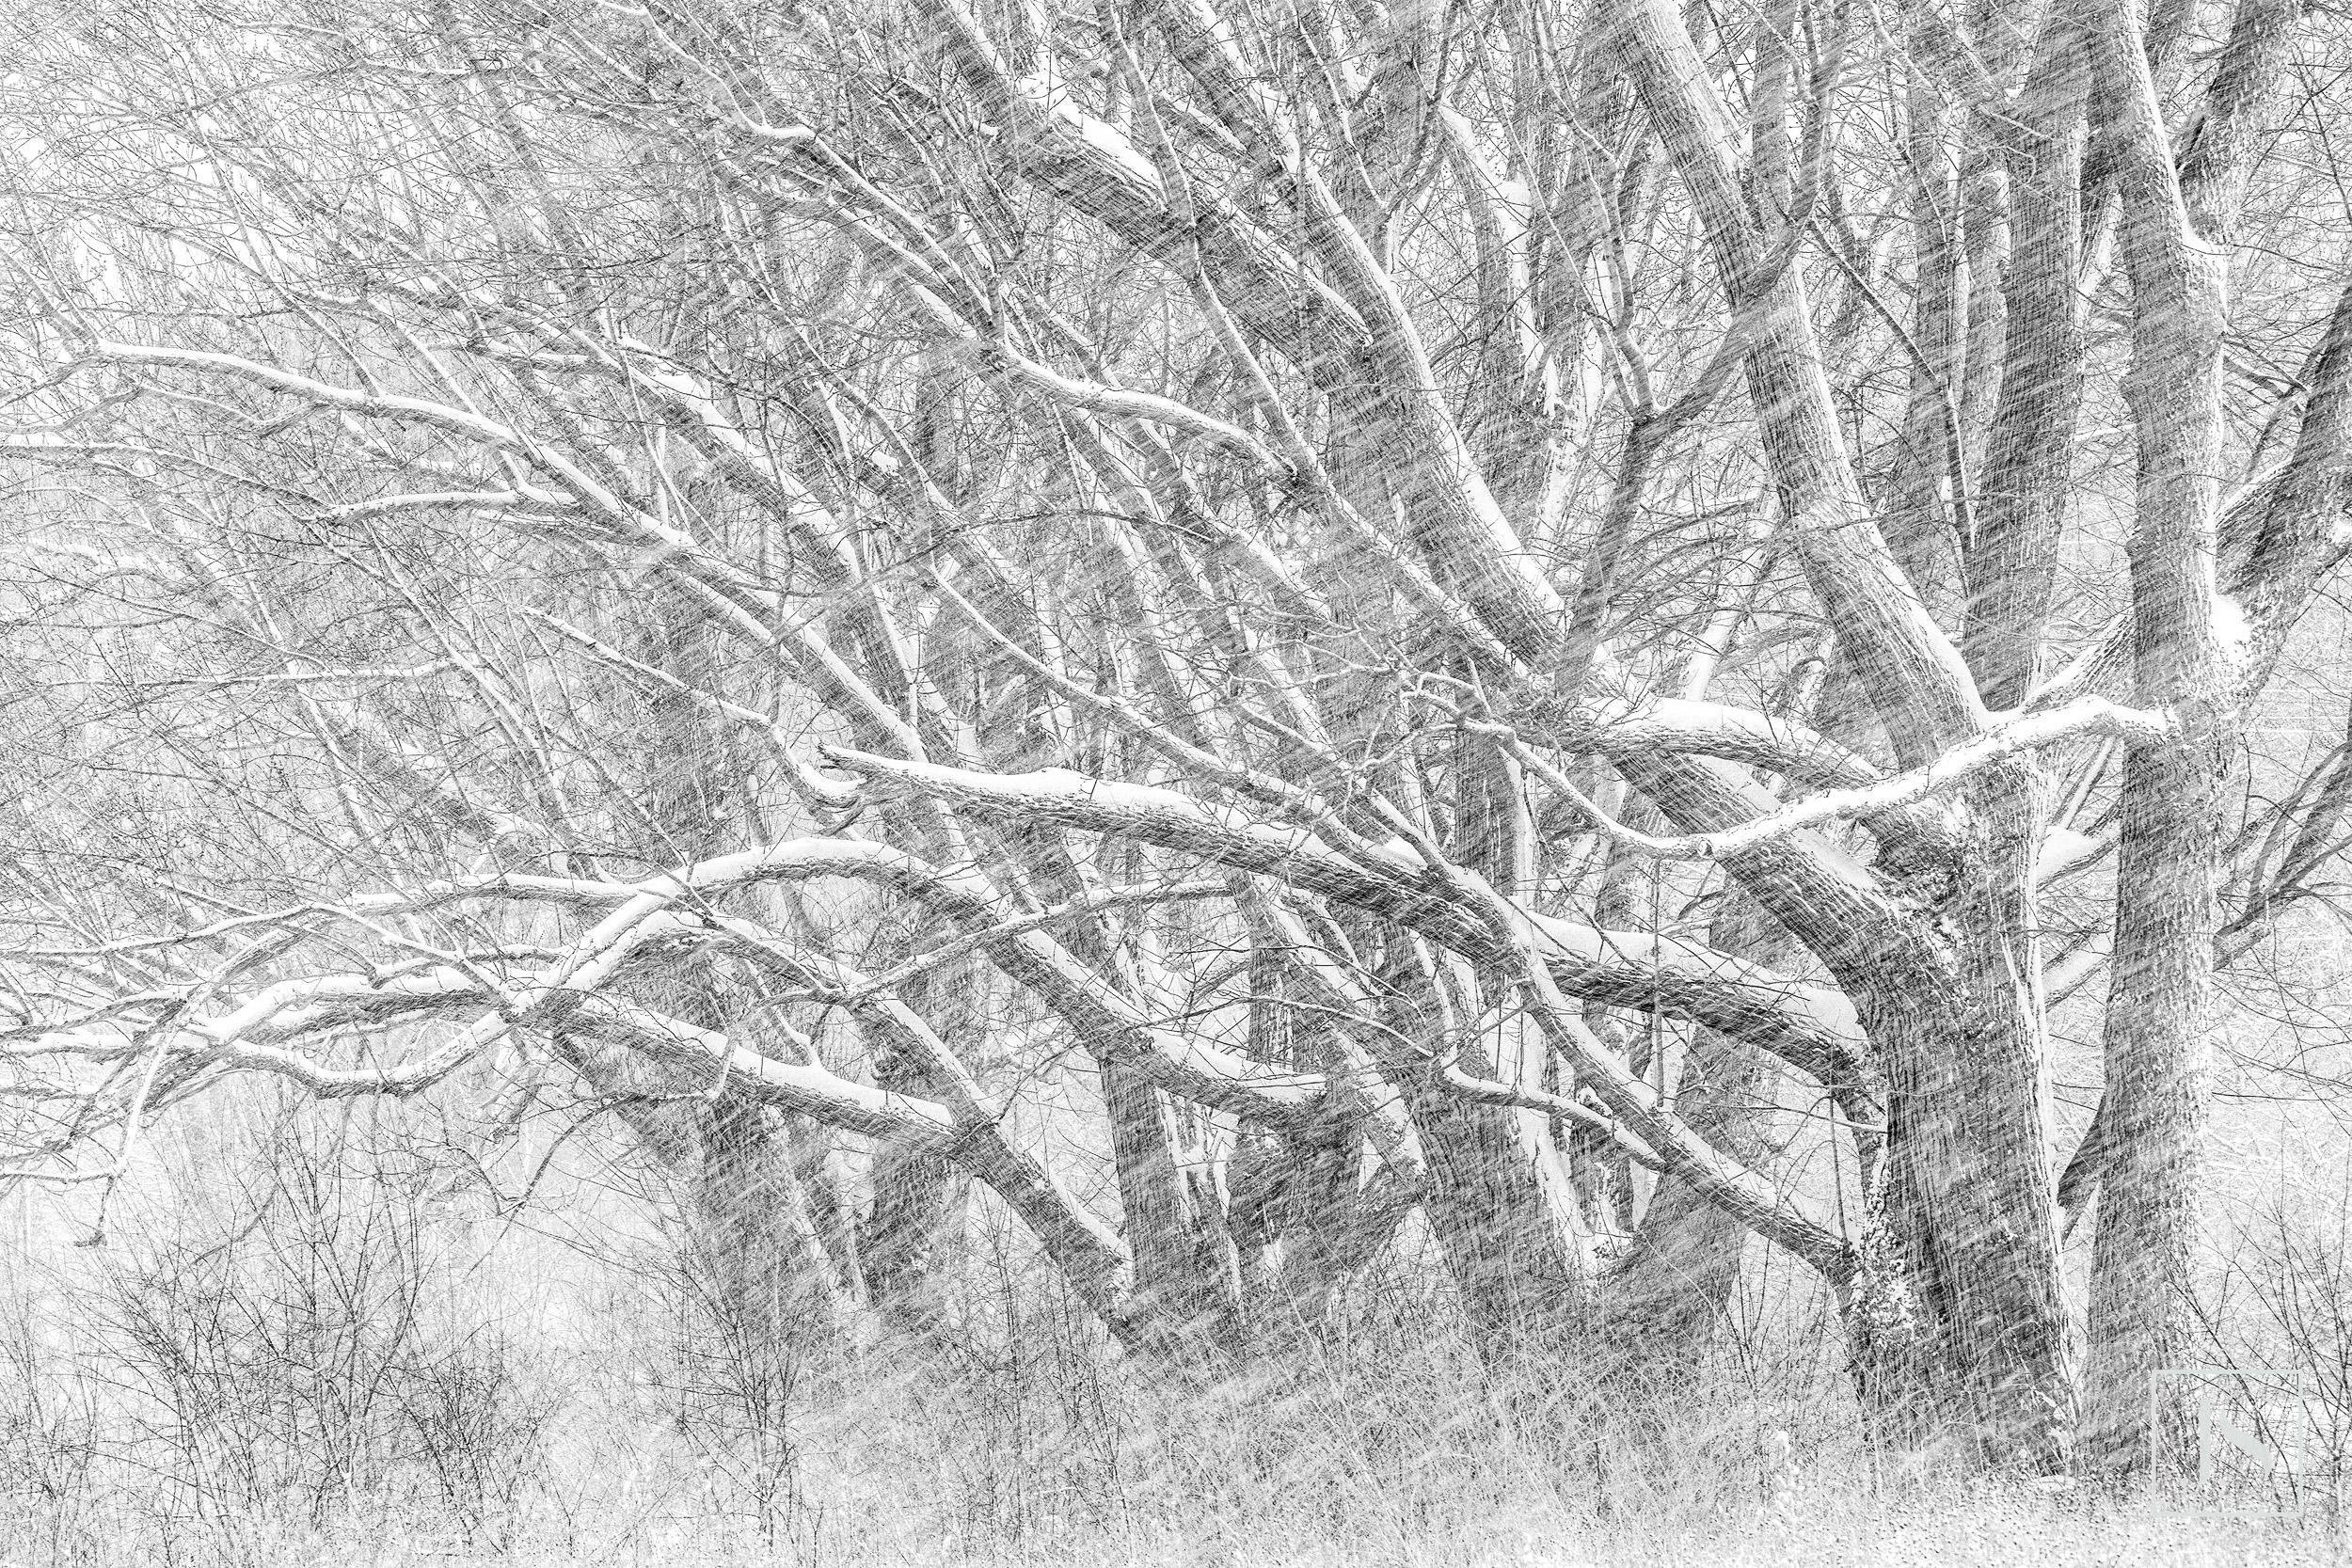 Snow Swept Trees-Wisconsin